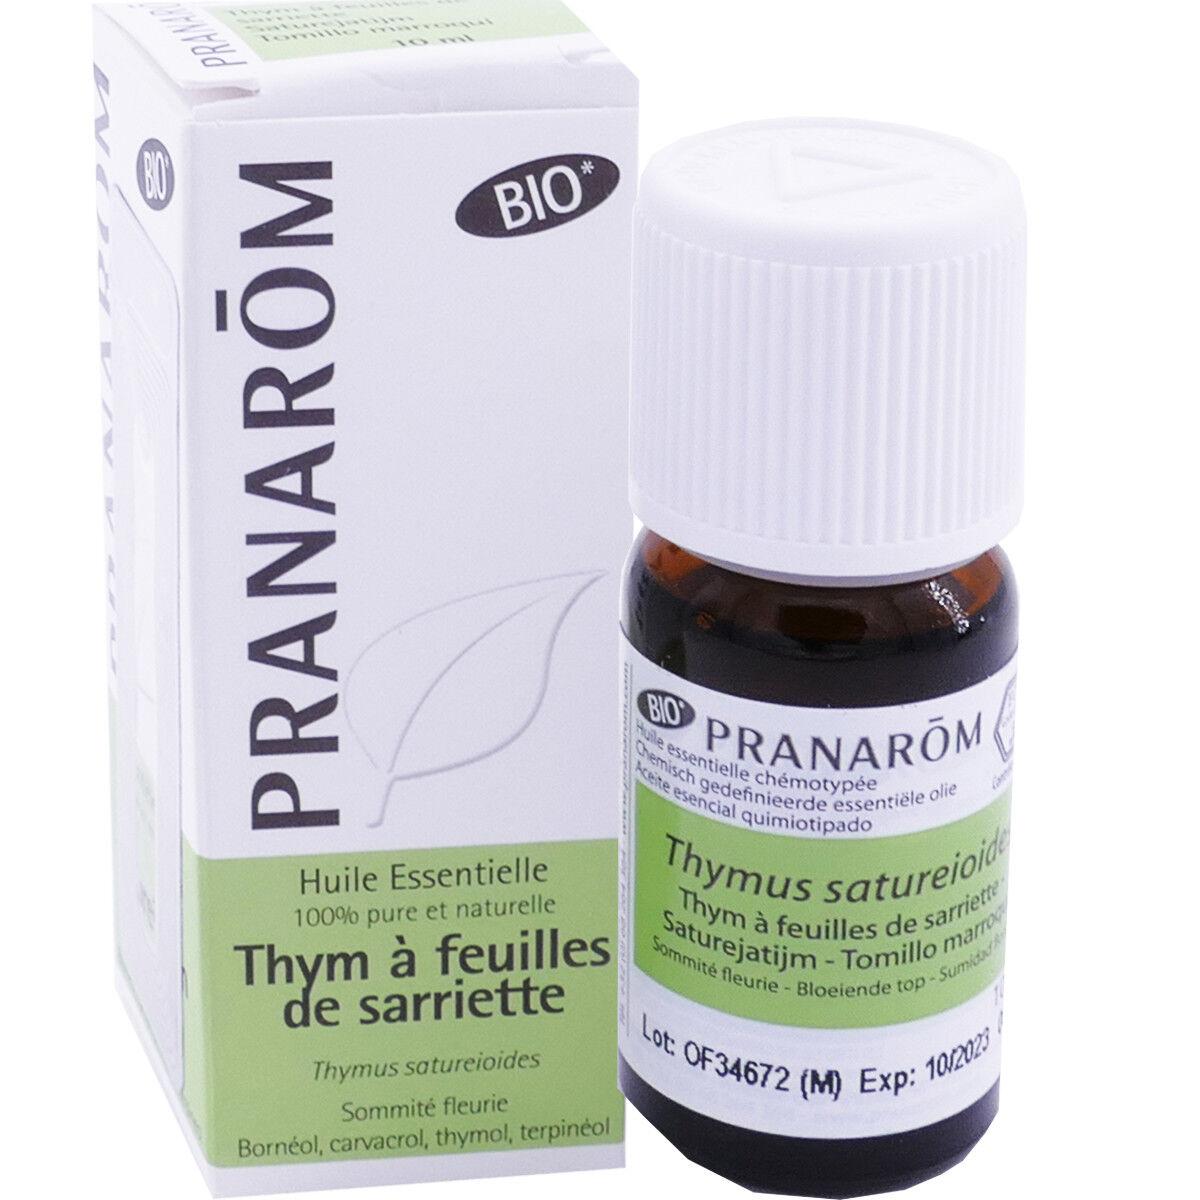 Pranarom huile essentielle thym a feuilles de sarriette bio 10ml